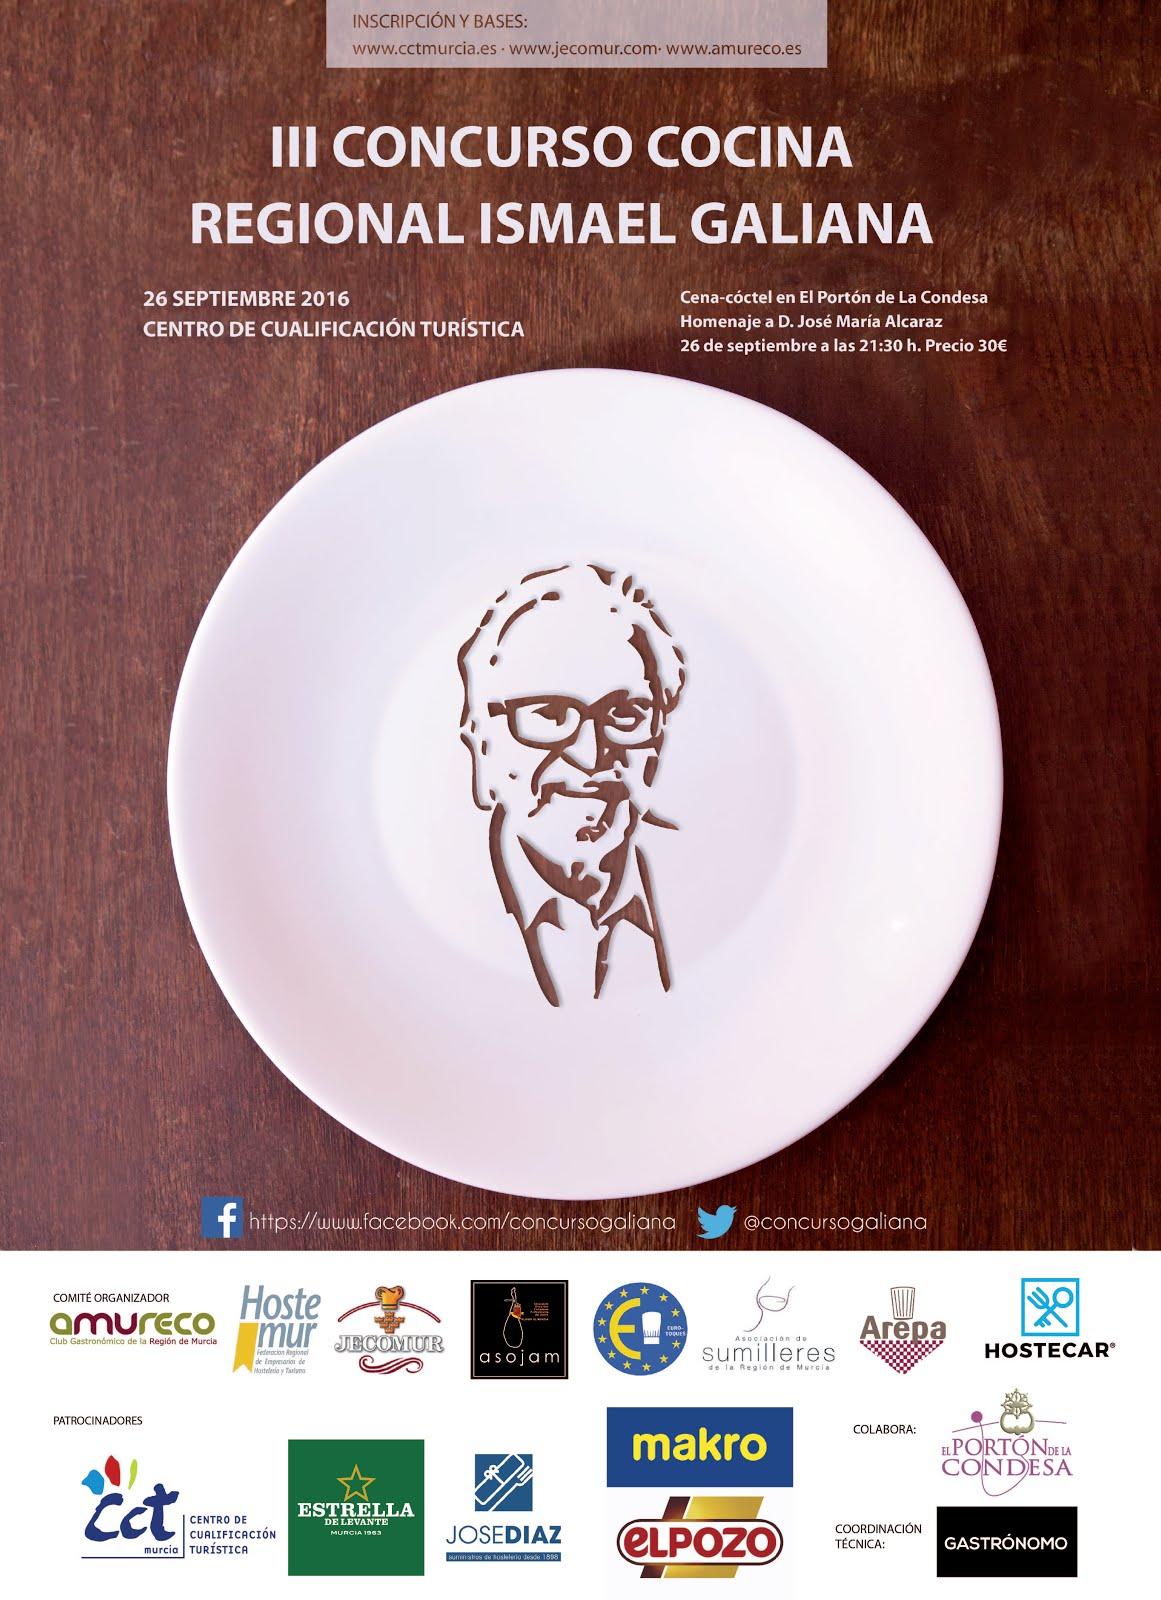 """III Concurso de Cocina Regional """"Ismael Galiana"""" y Cena-Cóctel Homenaje a D. José María Alcaraz"""